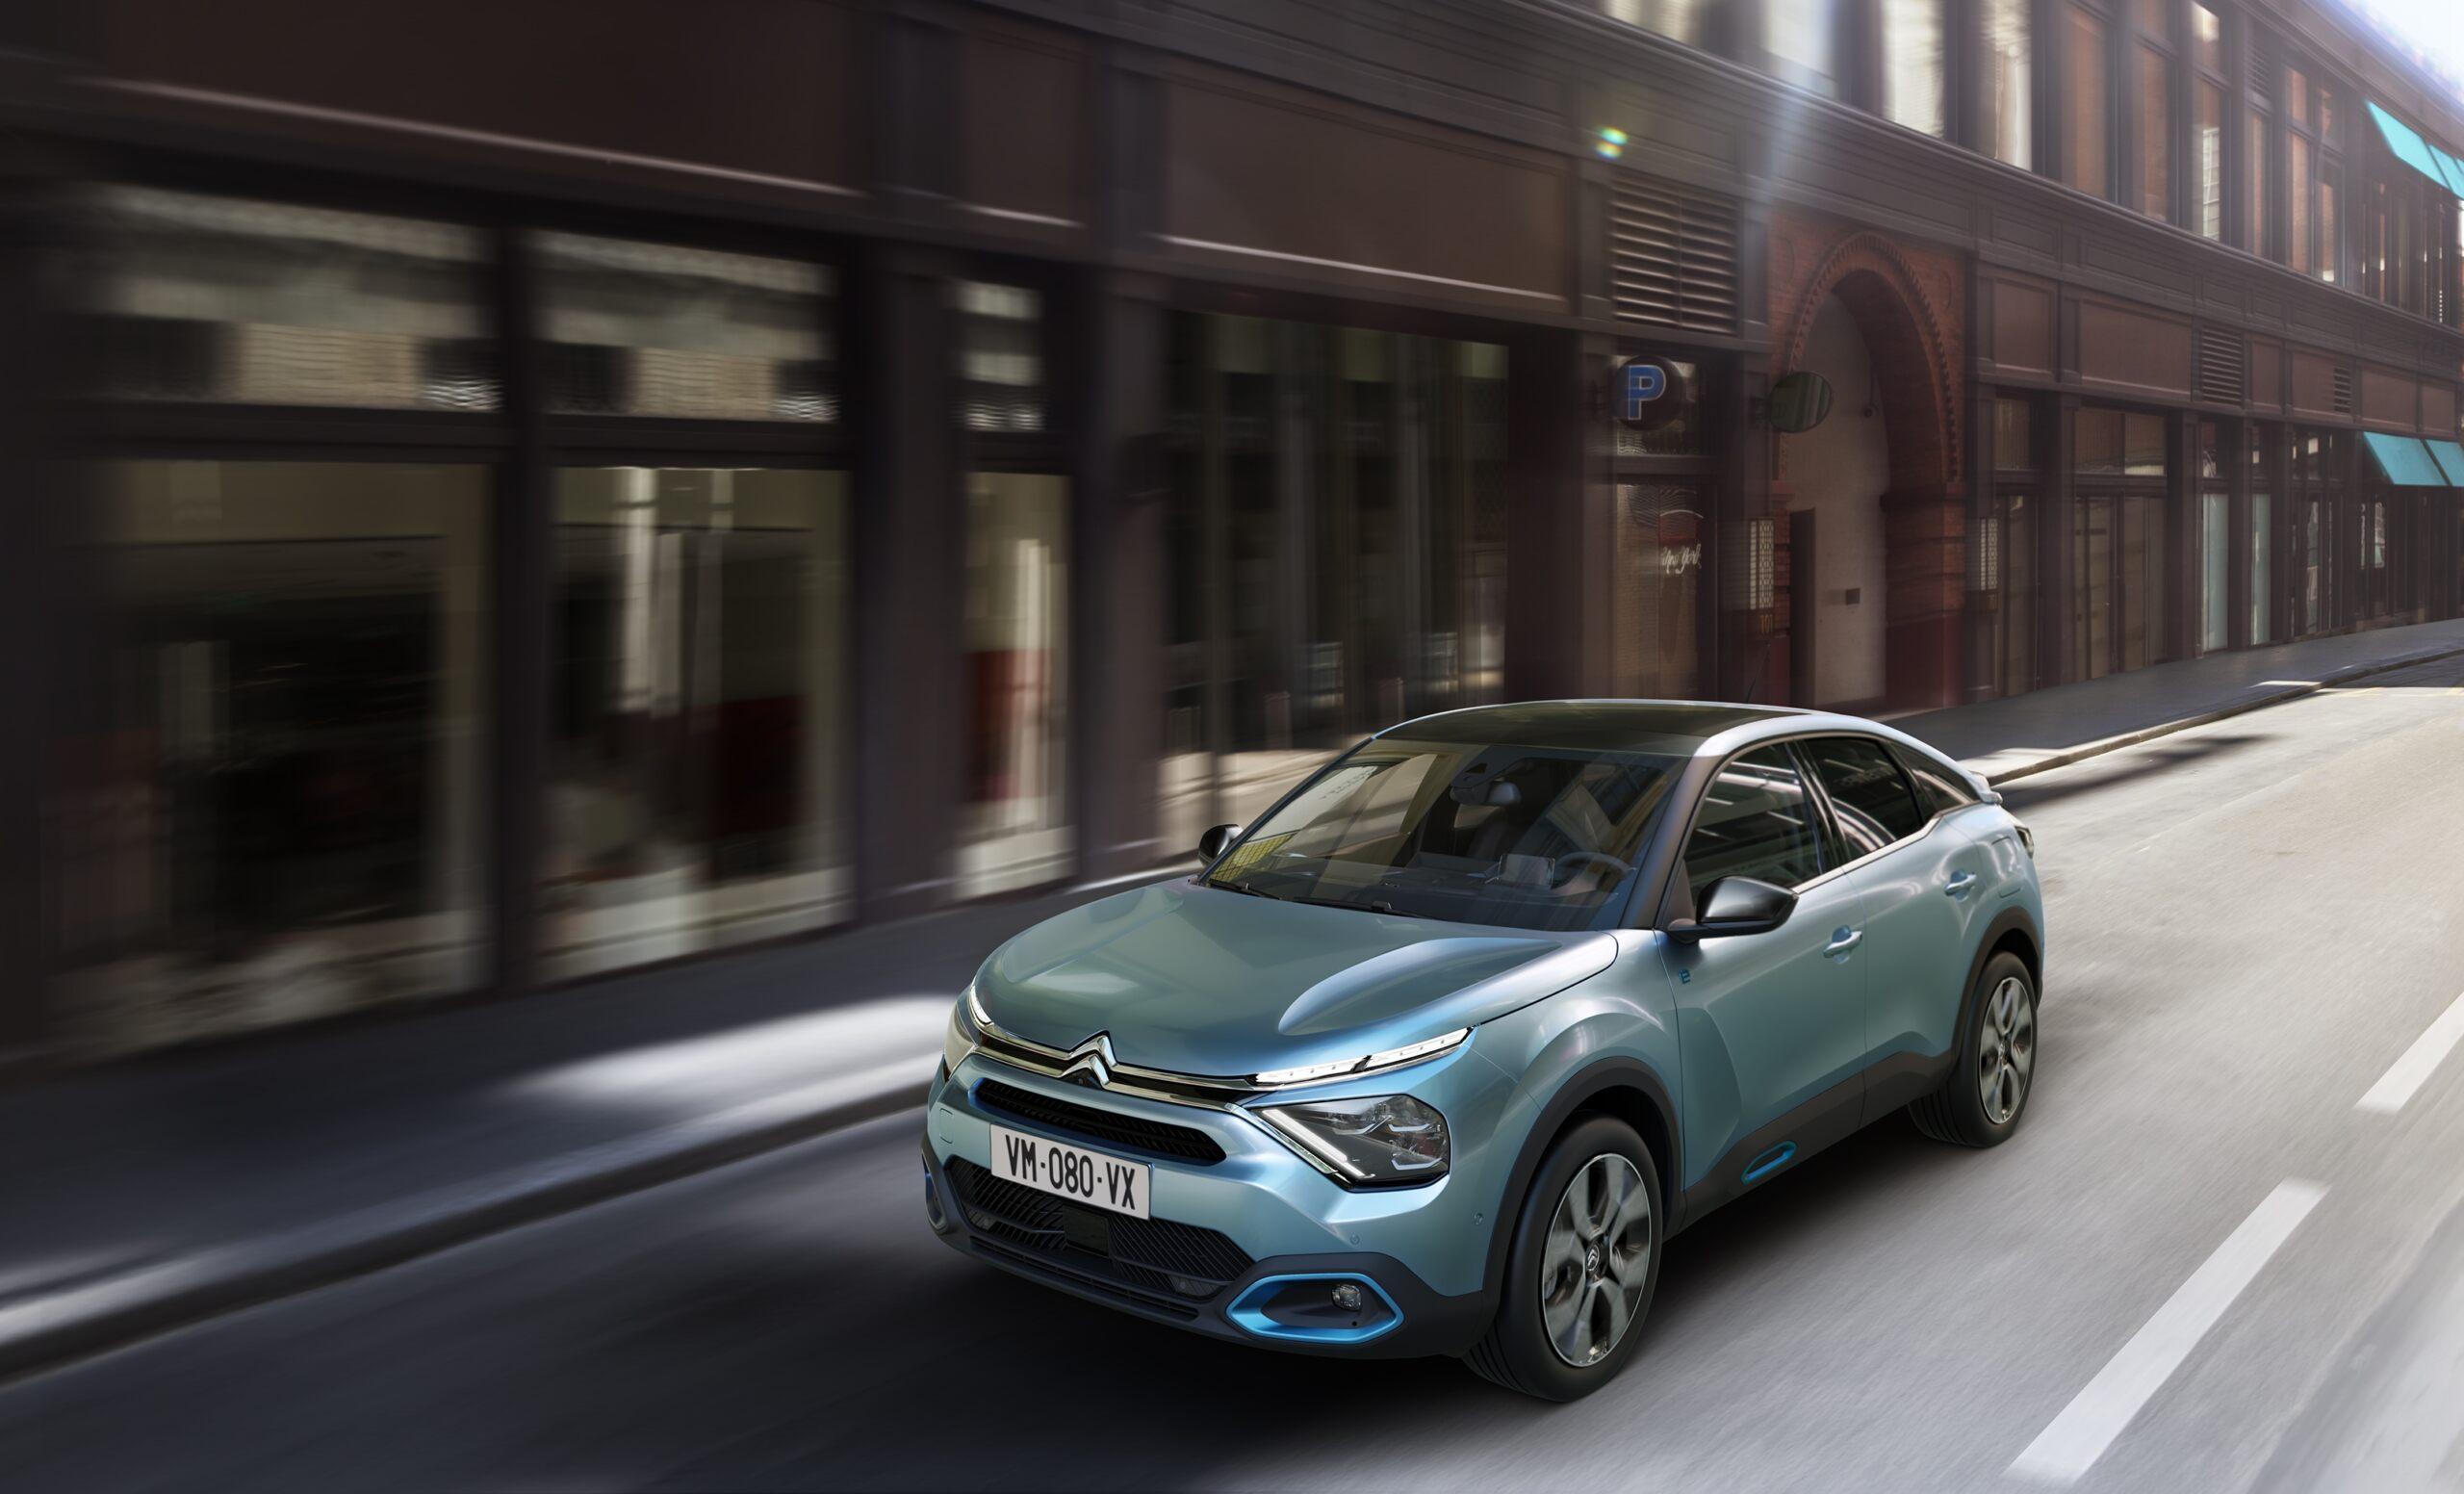 Nuova Citroën e-C4: la guida in città